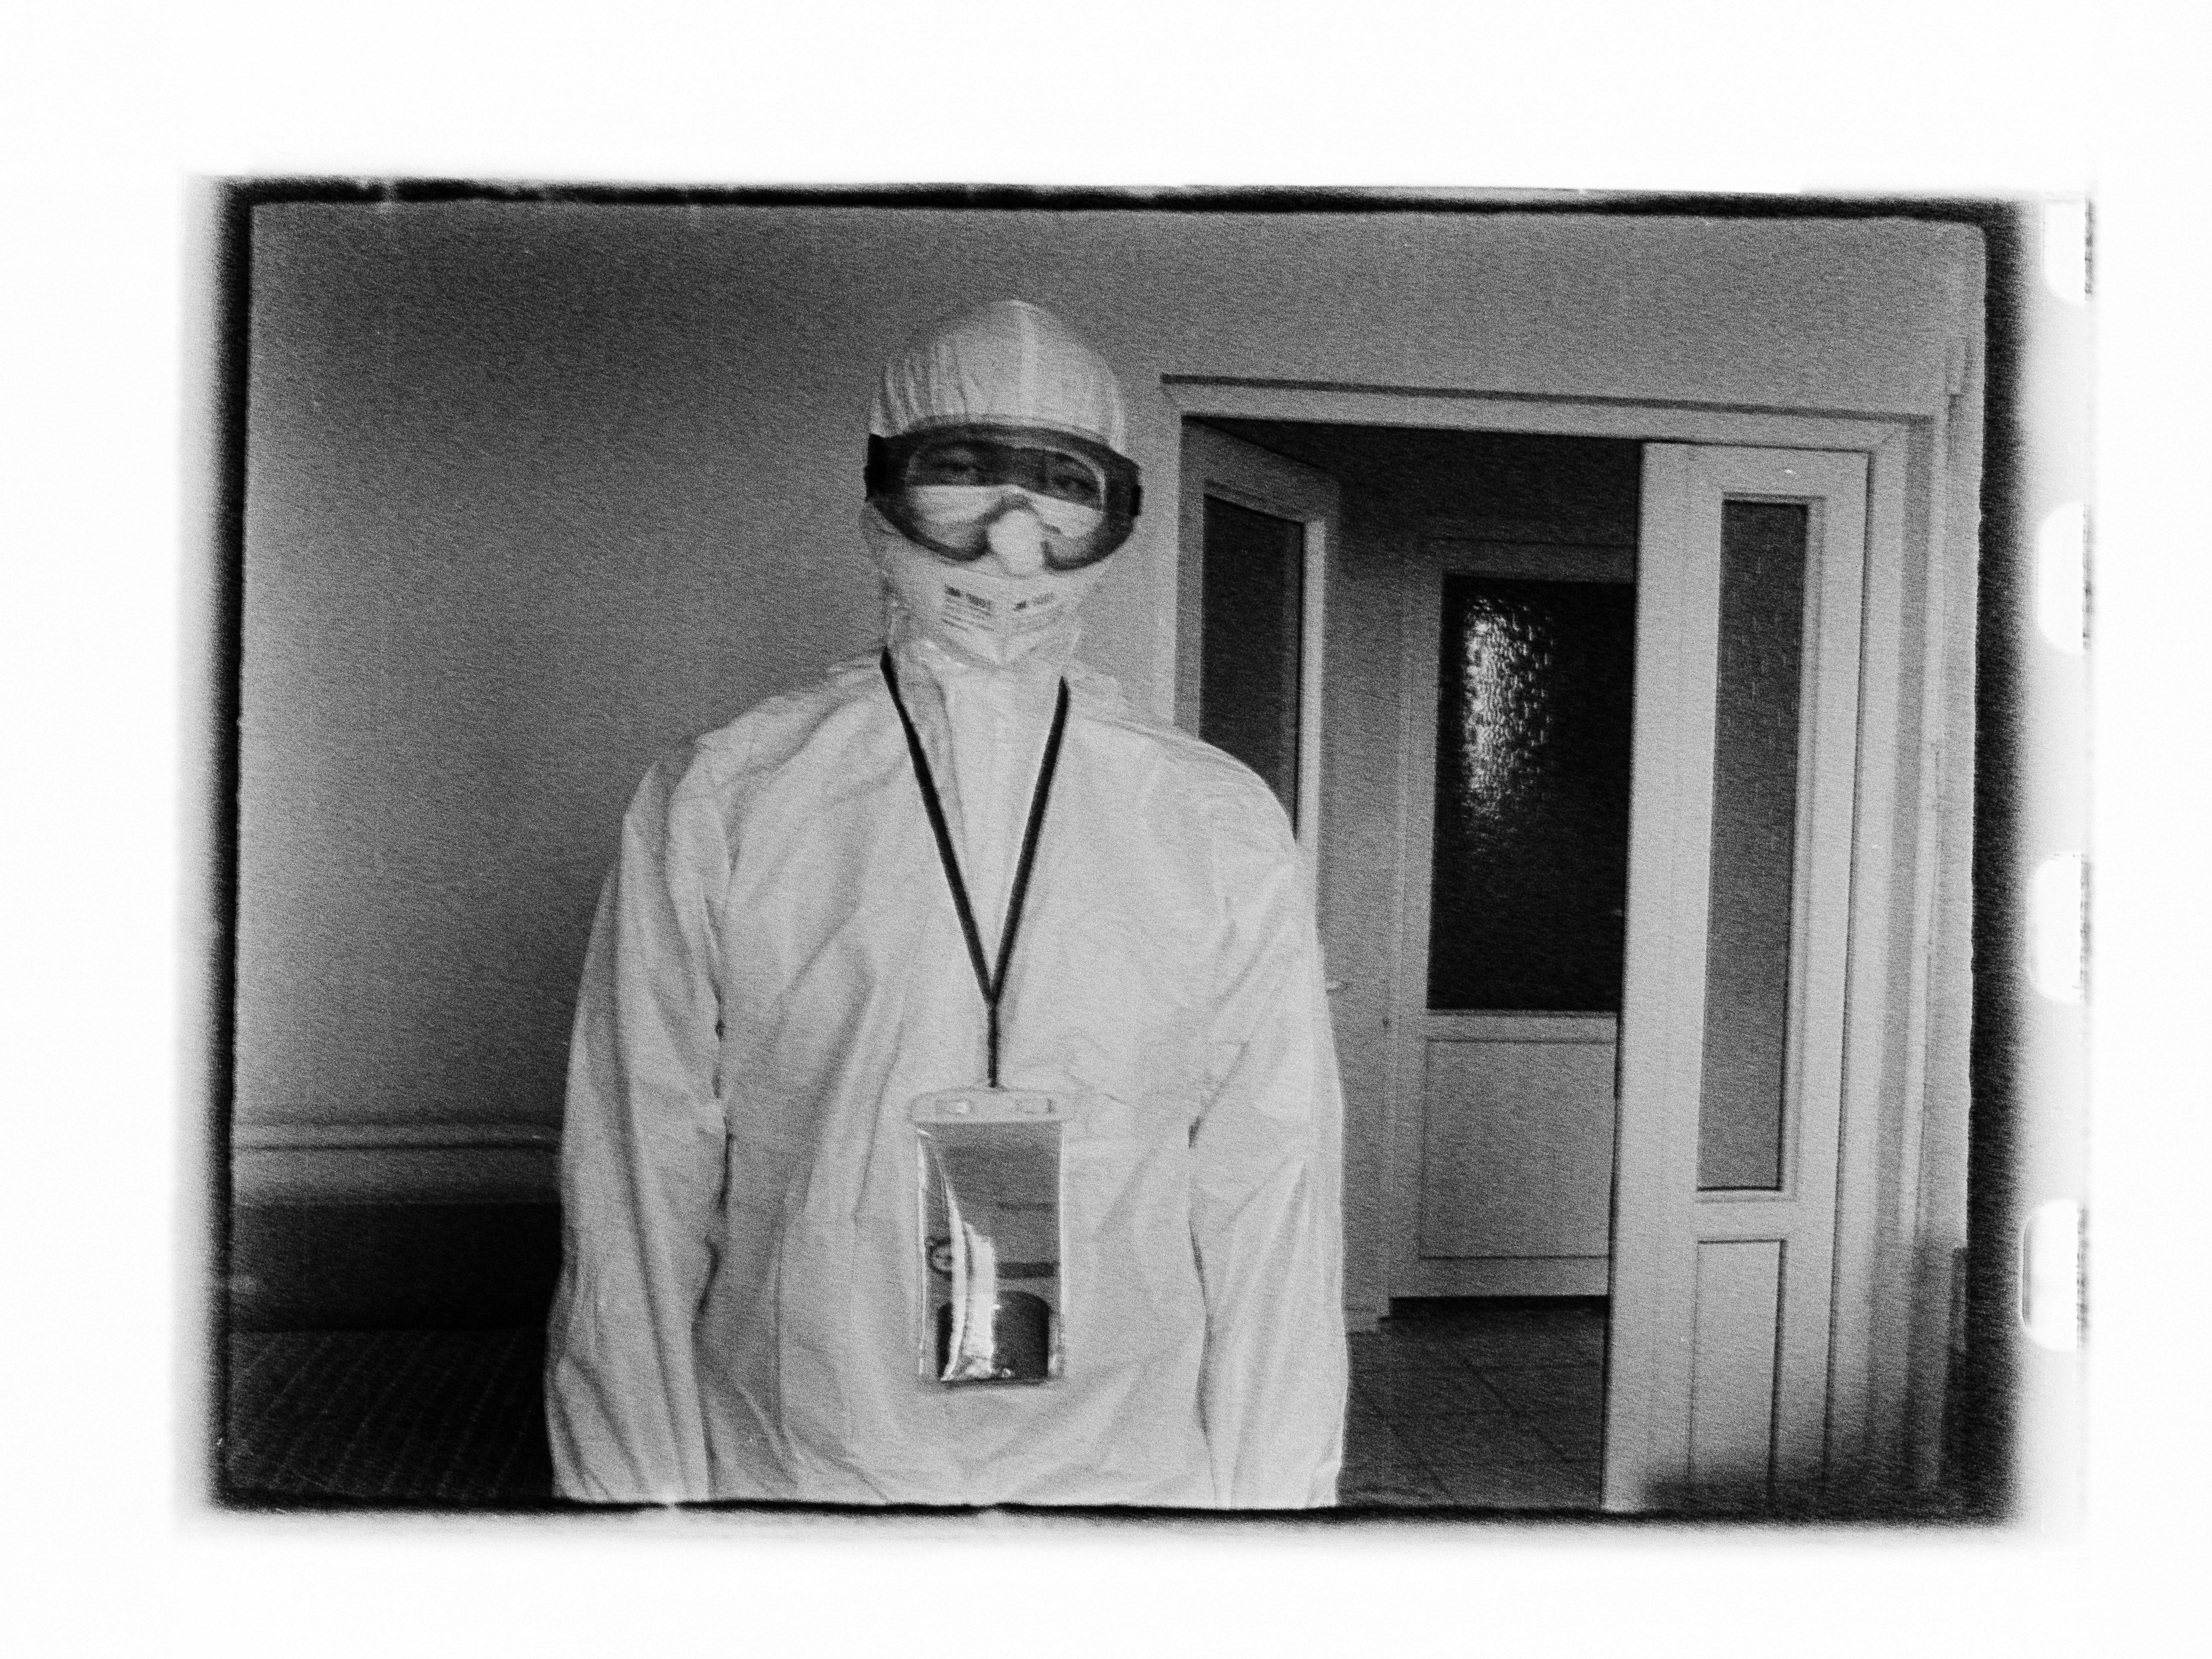 Medic portrait (Credit: Andrey Khludeyev)